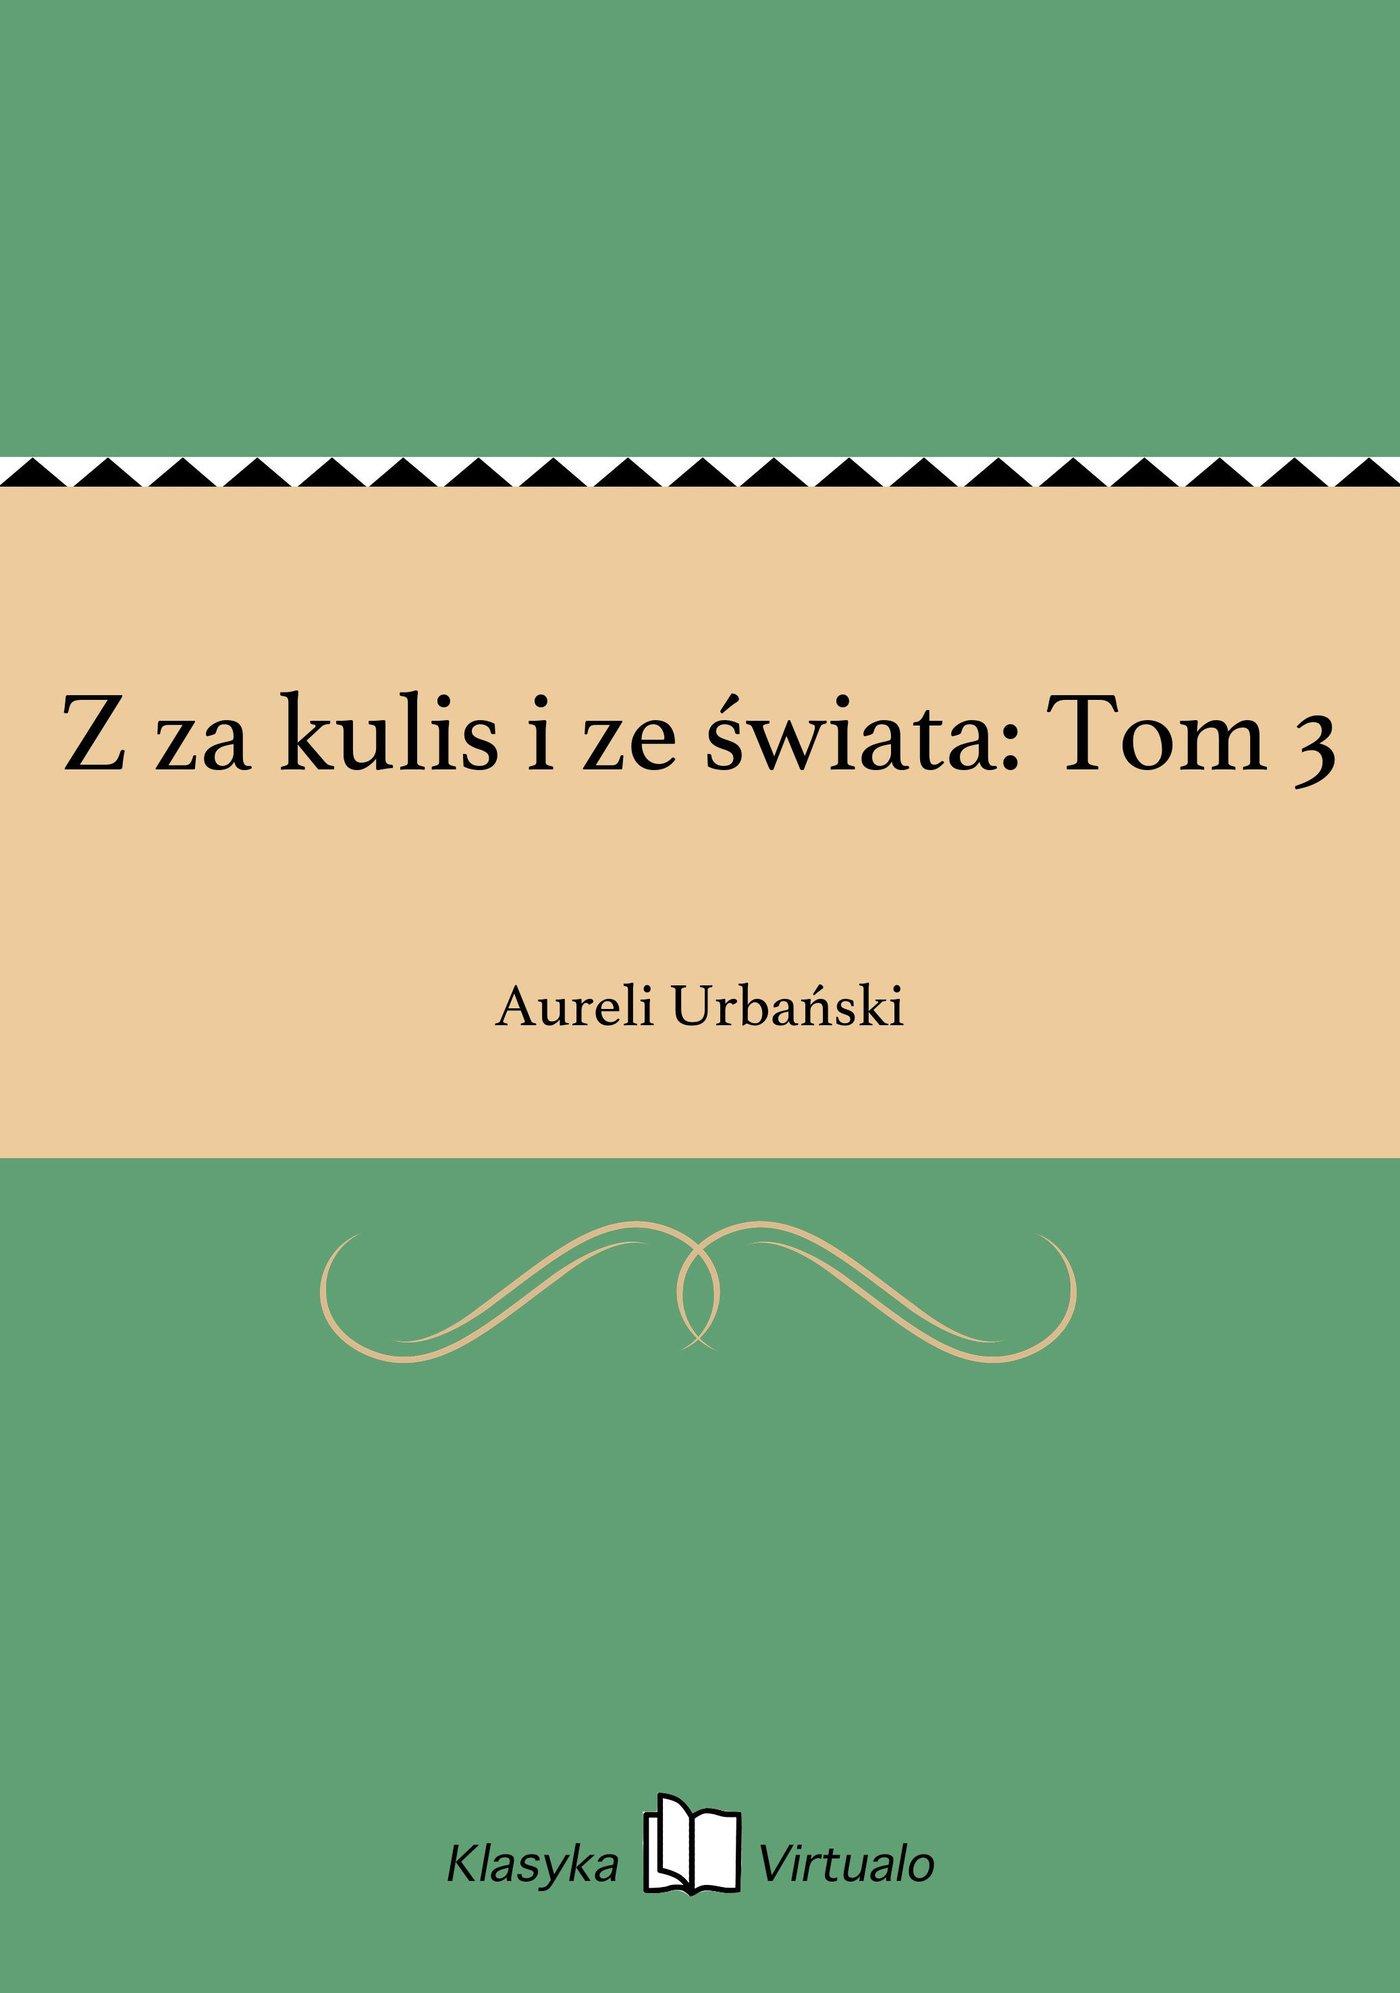 Z za kulis i ze świata: Tom 3 - Ebook (Książka EPUB) do pobrania w formacie EPUB